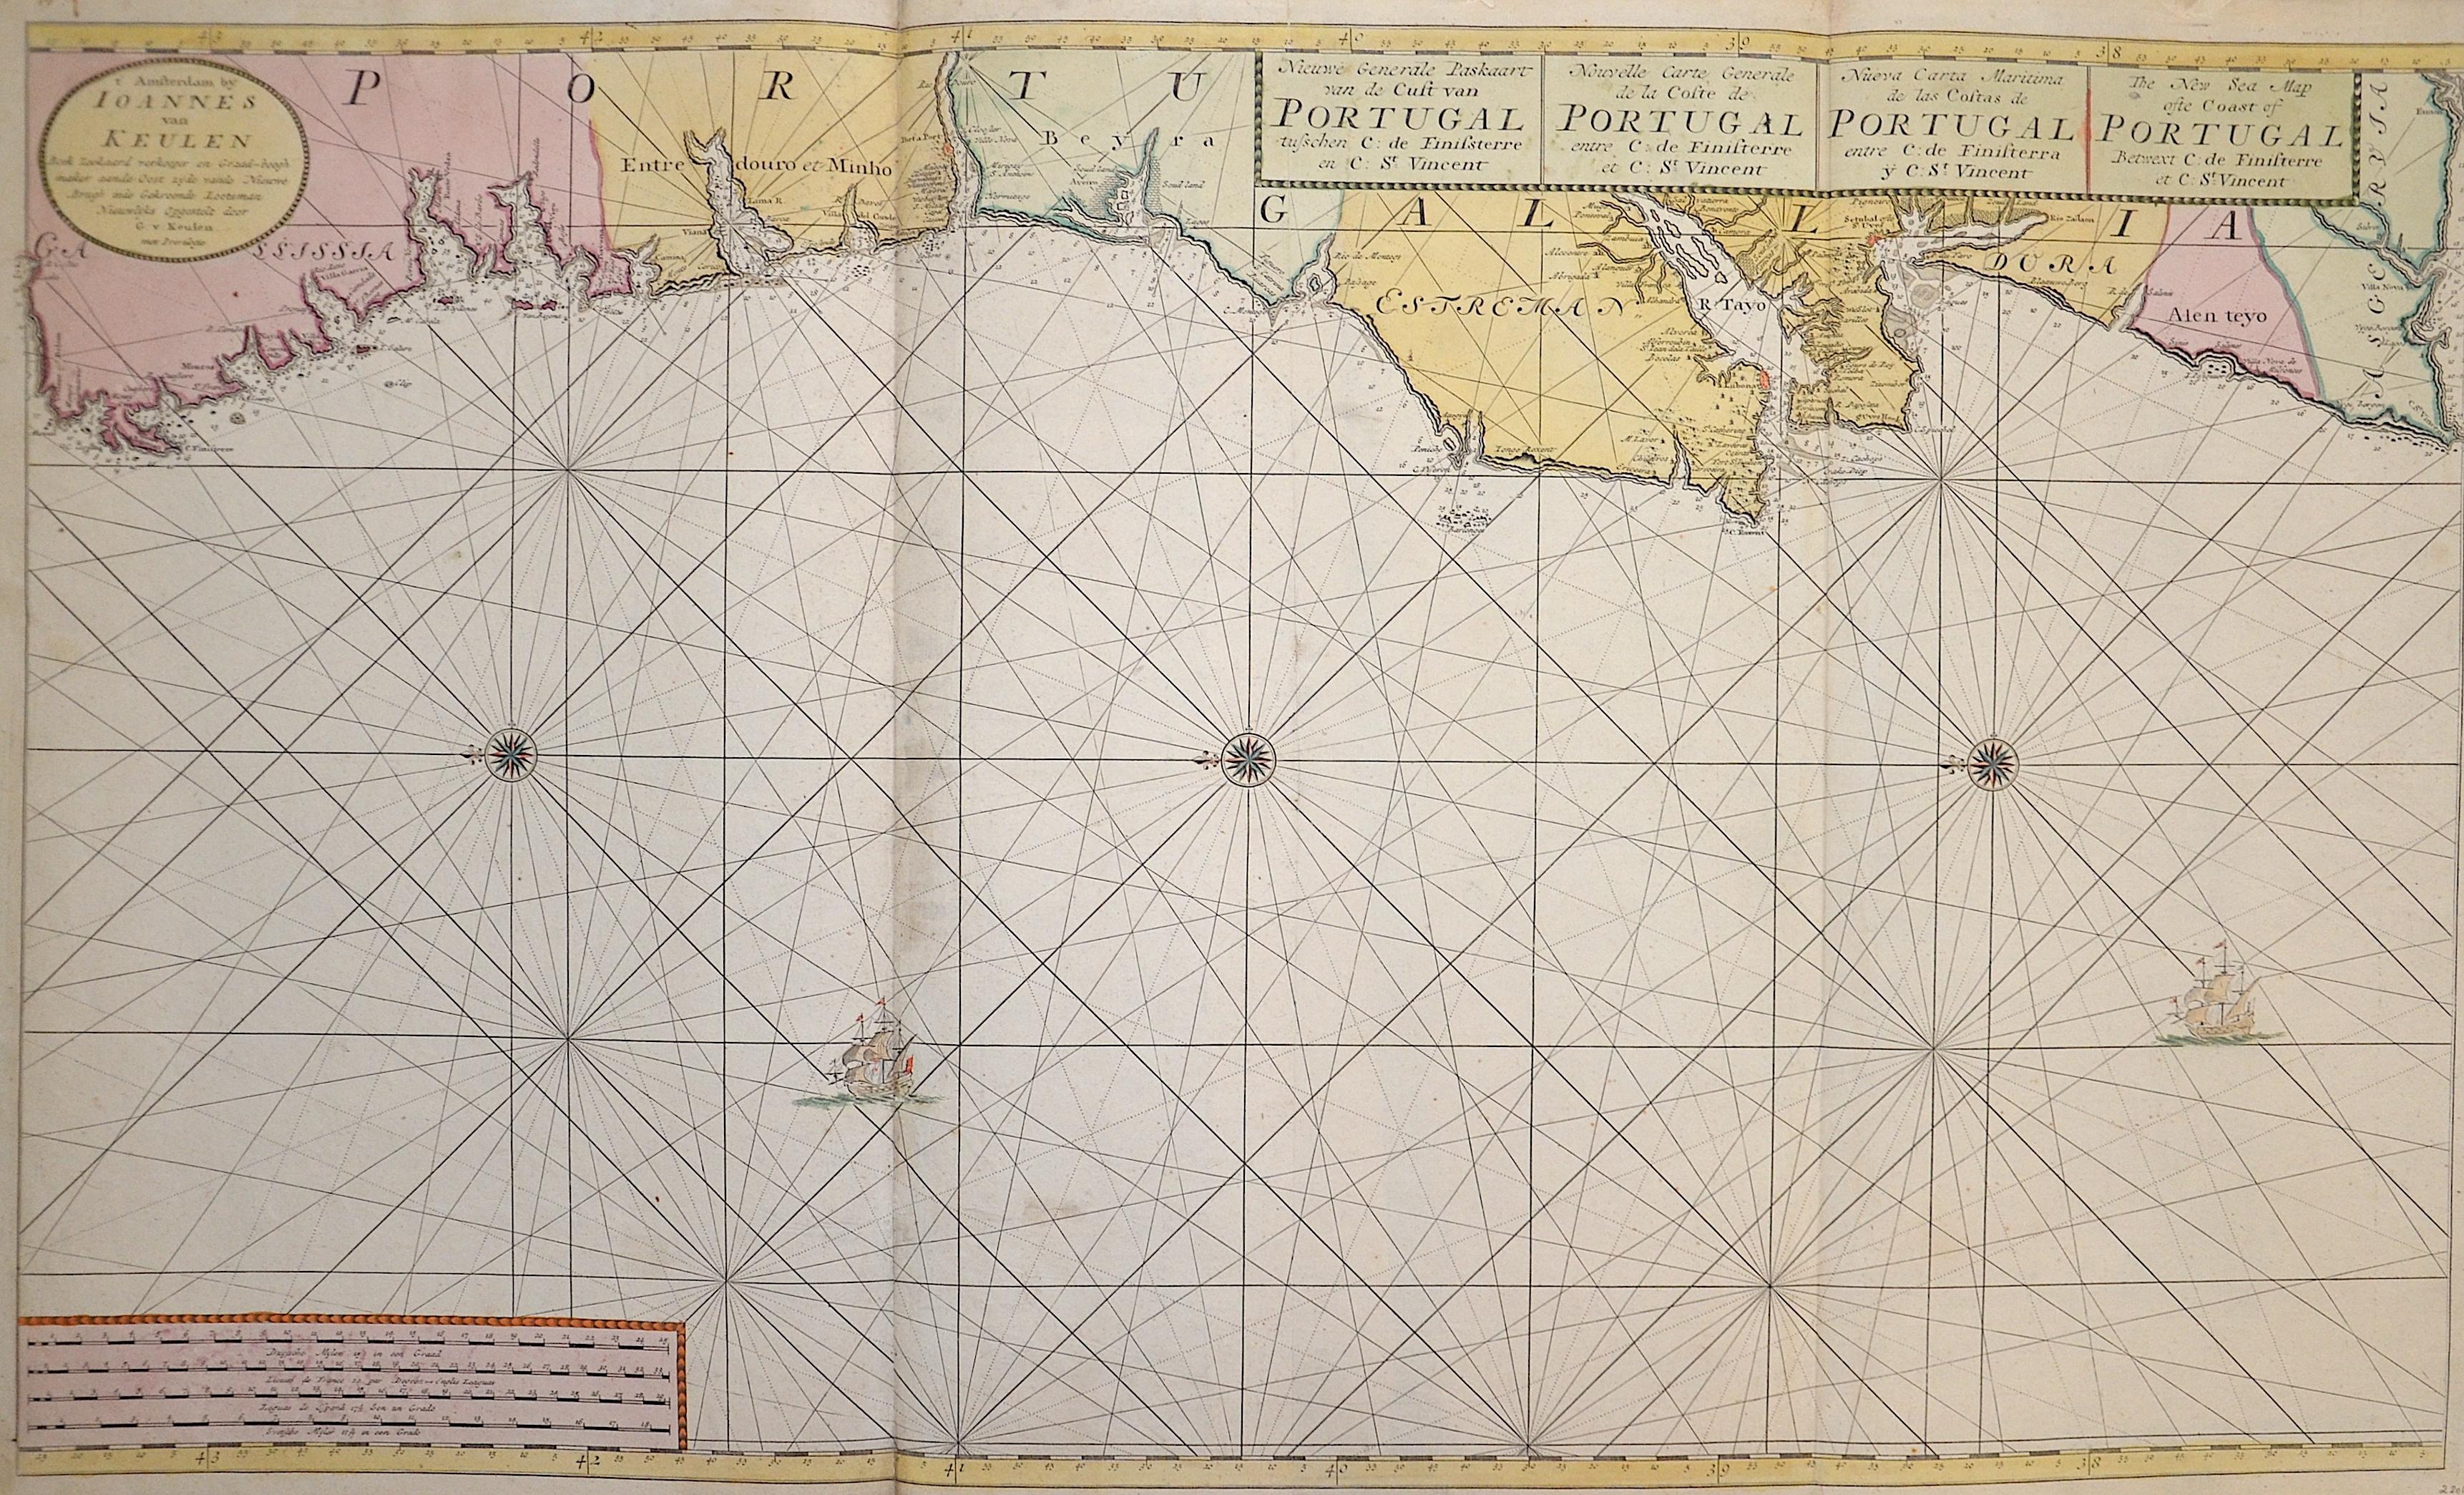 Keulen  Nieuwe Generale Paskaart van de Cust van Portugal tusschen C: de Finissterre en: St. Vincent / The New Sea Map ofte Coast of Portugal Betwext C:..